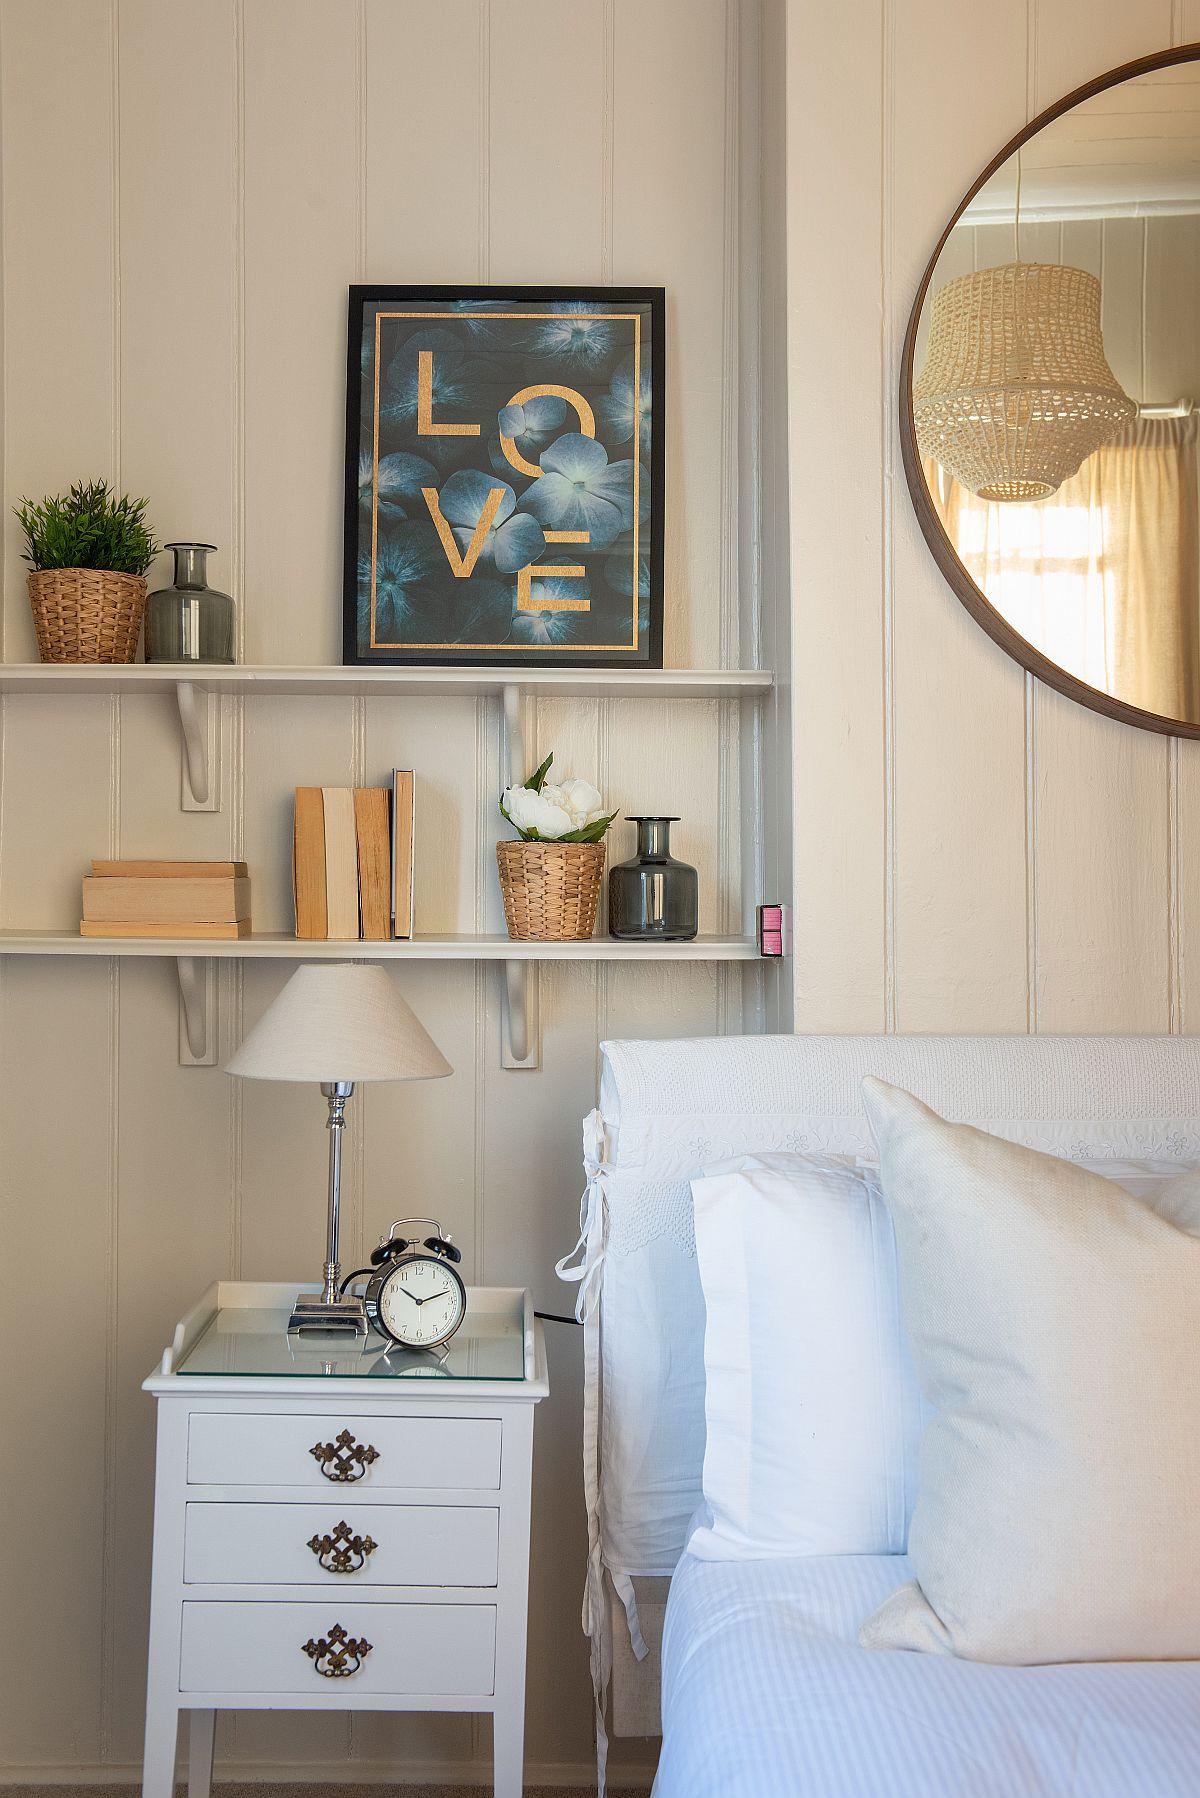 Dormitoarele au și ele detalii frumoase, fără a încărca spațiile. Deasupra noptierei un colț plăcut decorat conferă o stare de bine.